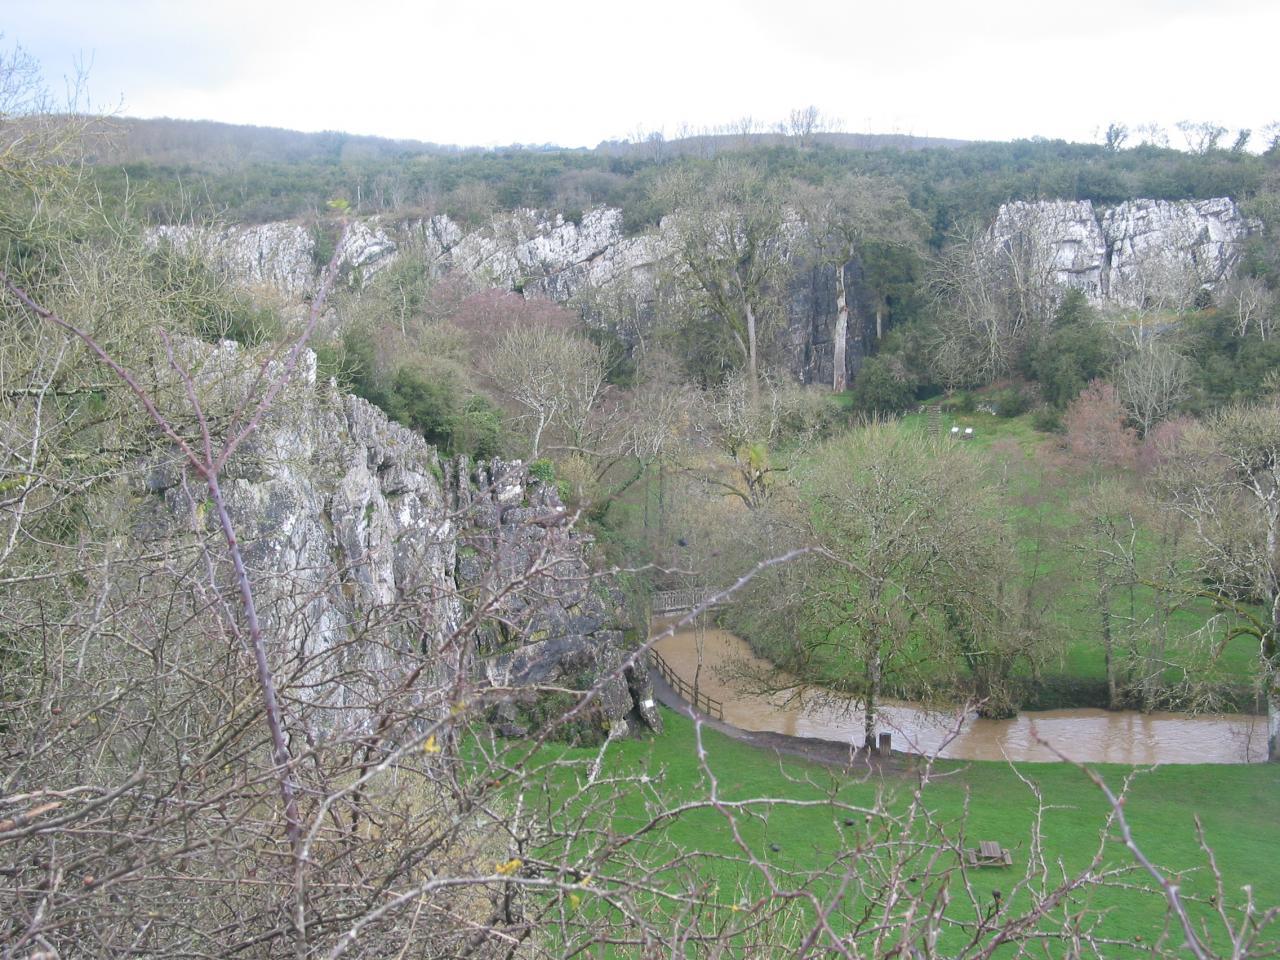 Le cayon de Saulges